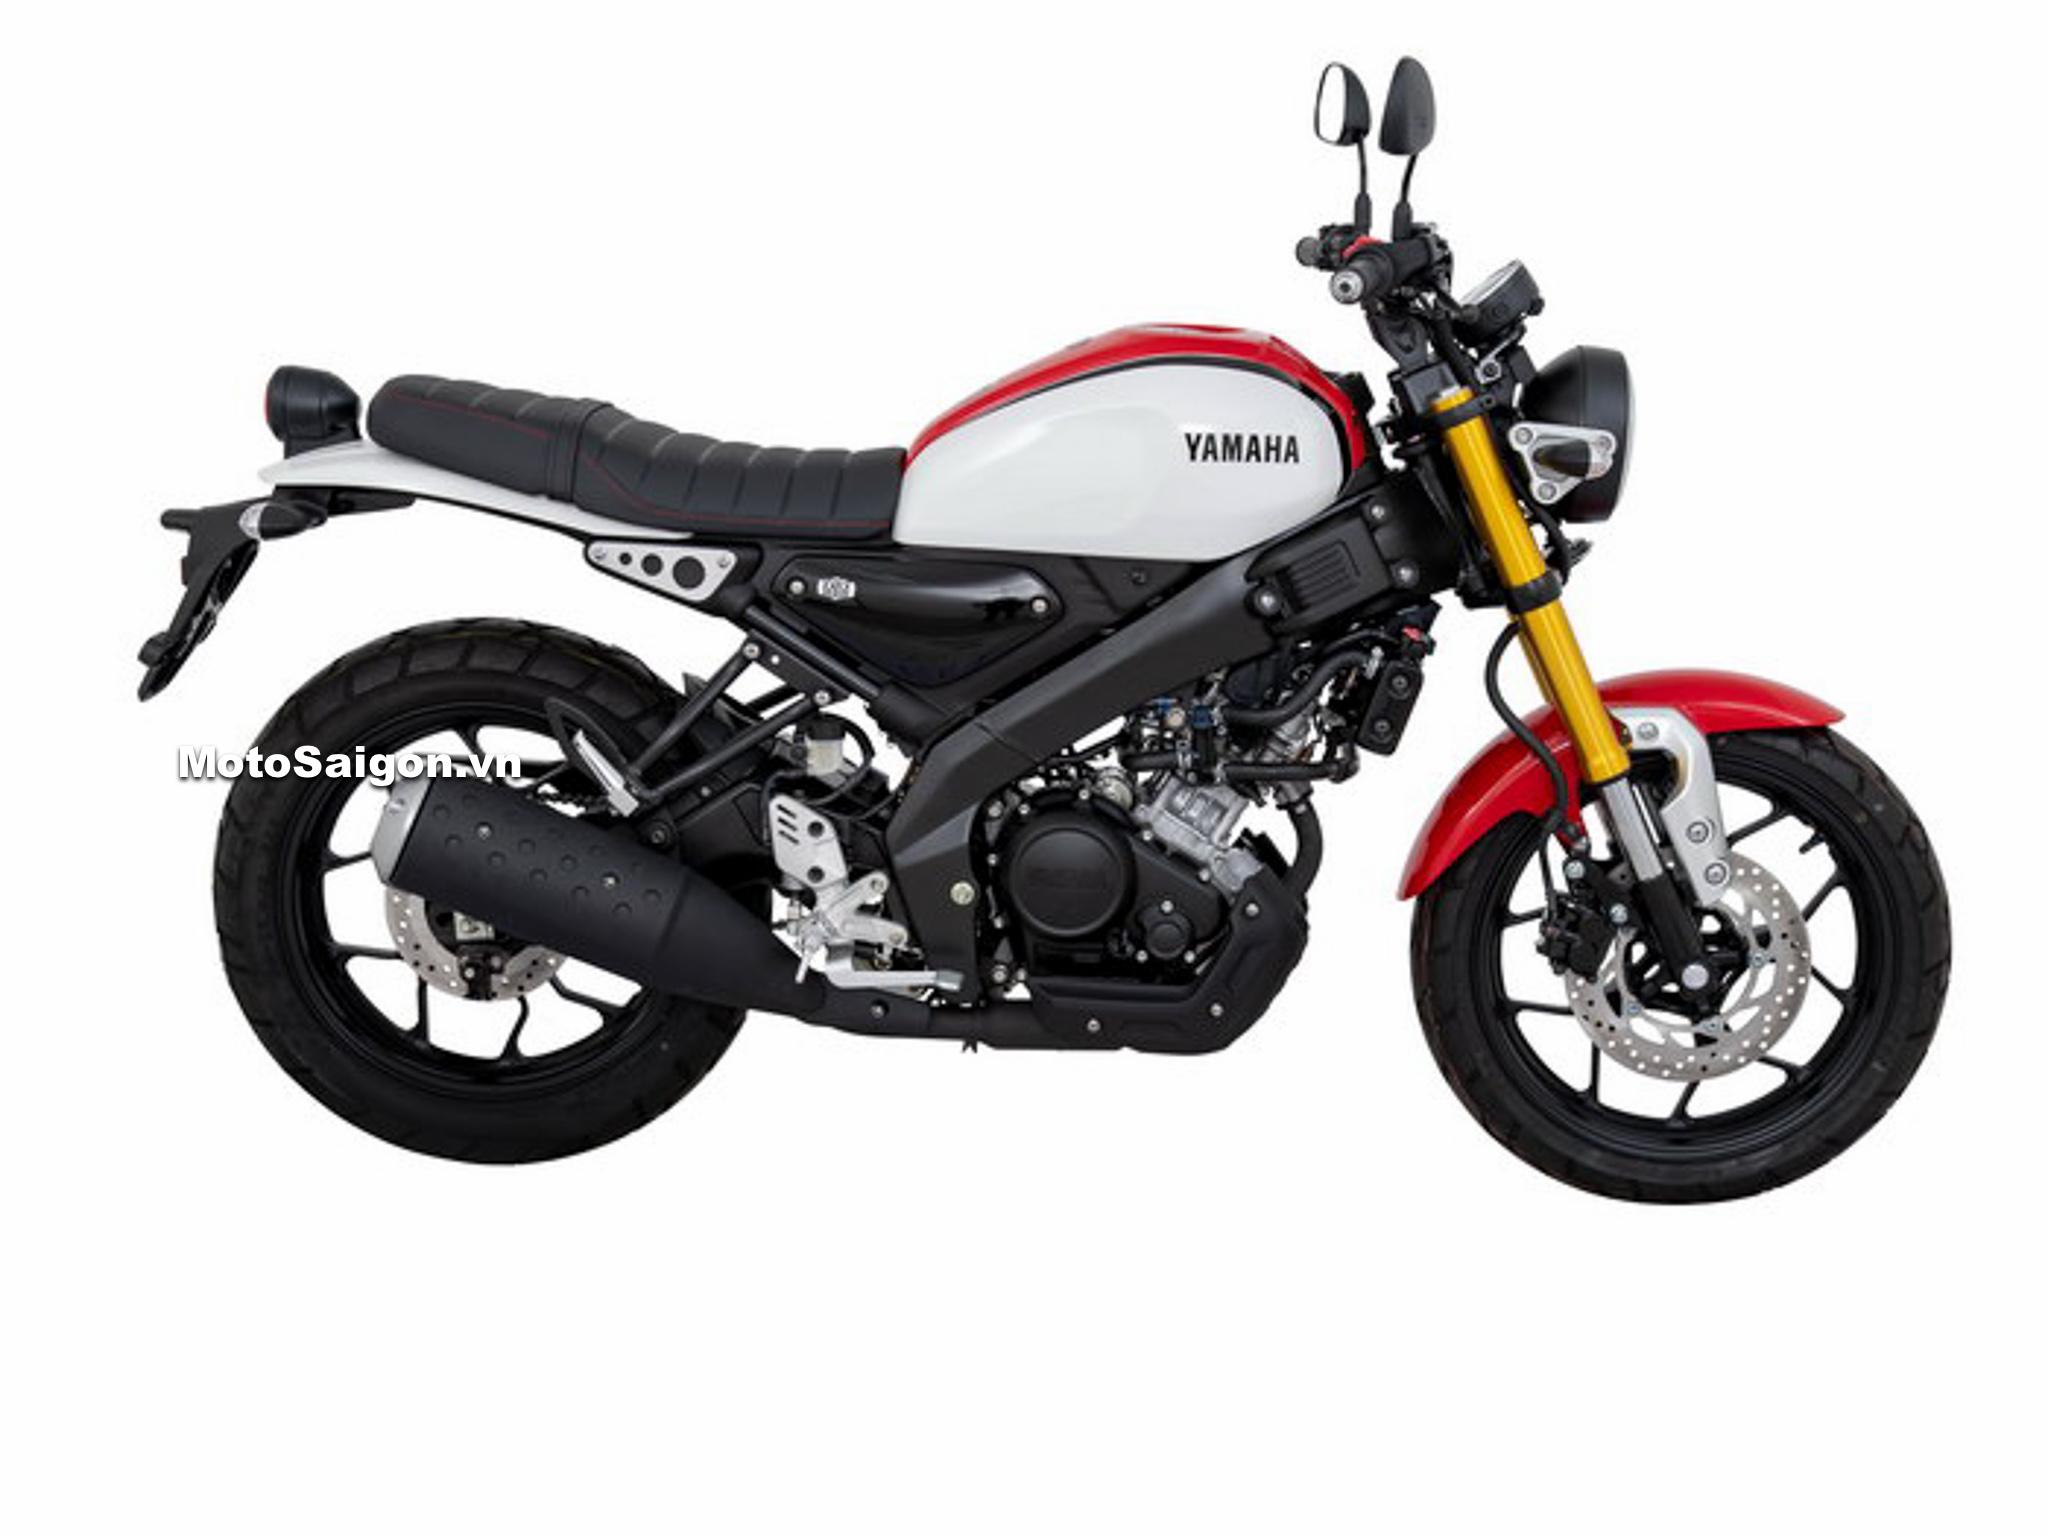 Yamaha XSR155 80s Sport Heritage màu Trắng-Đỏ White-Red